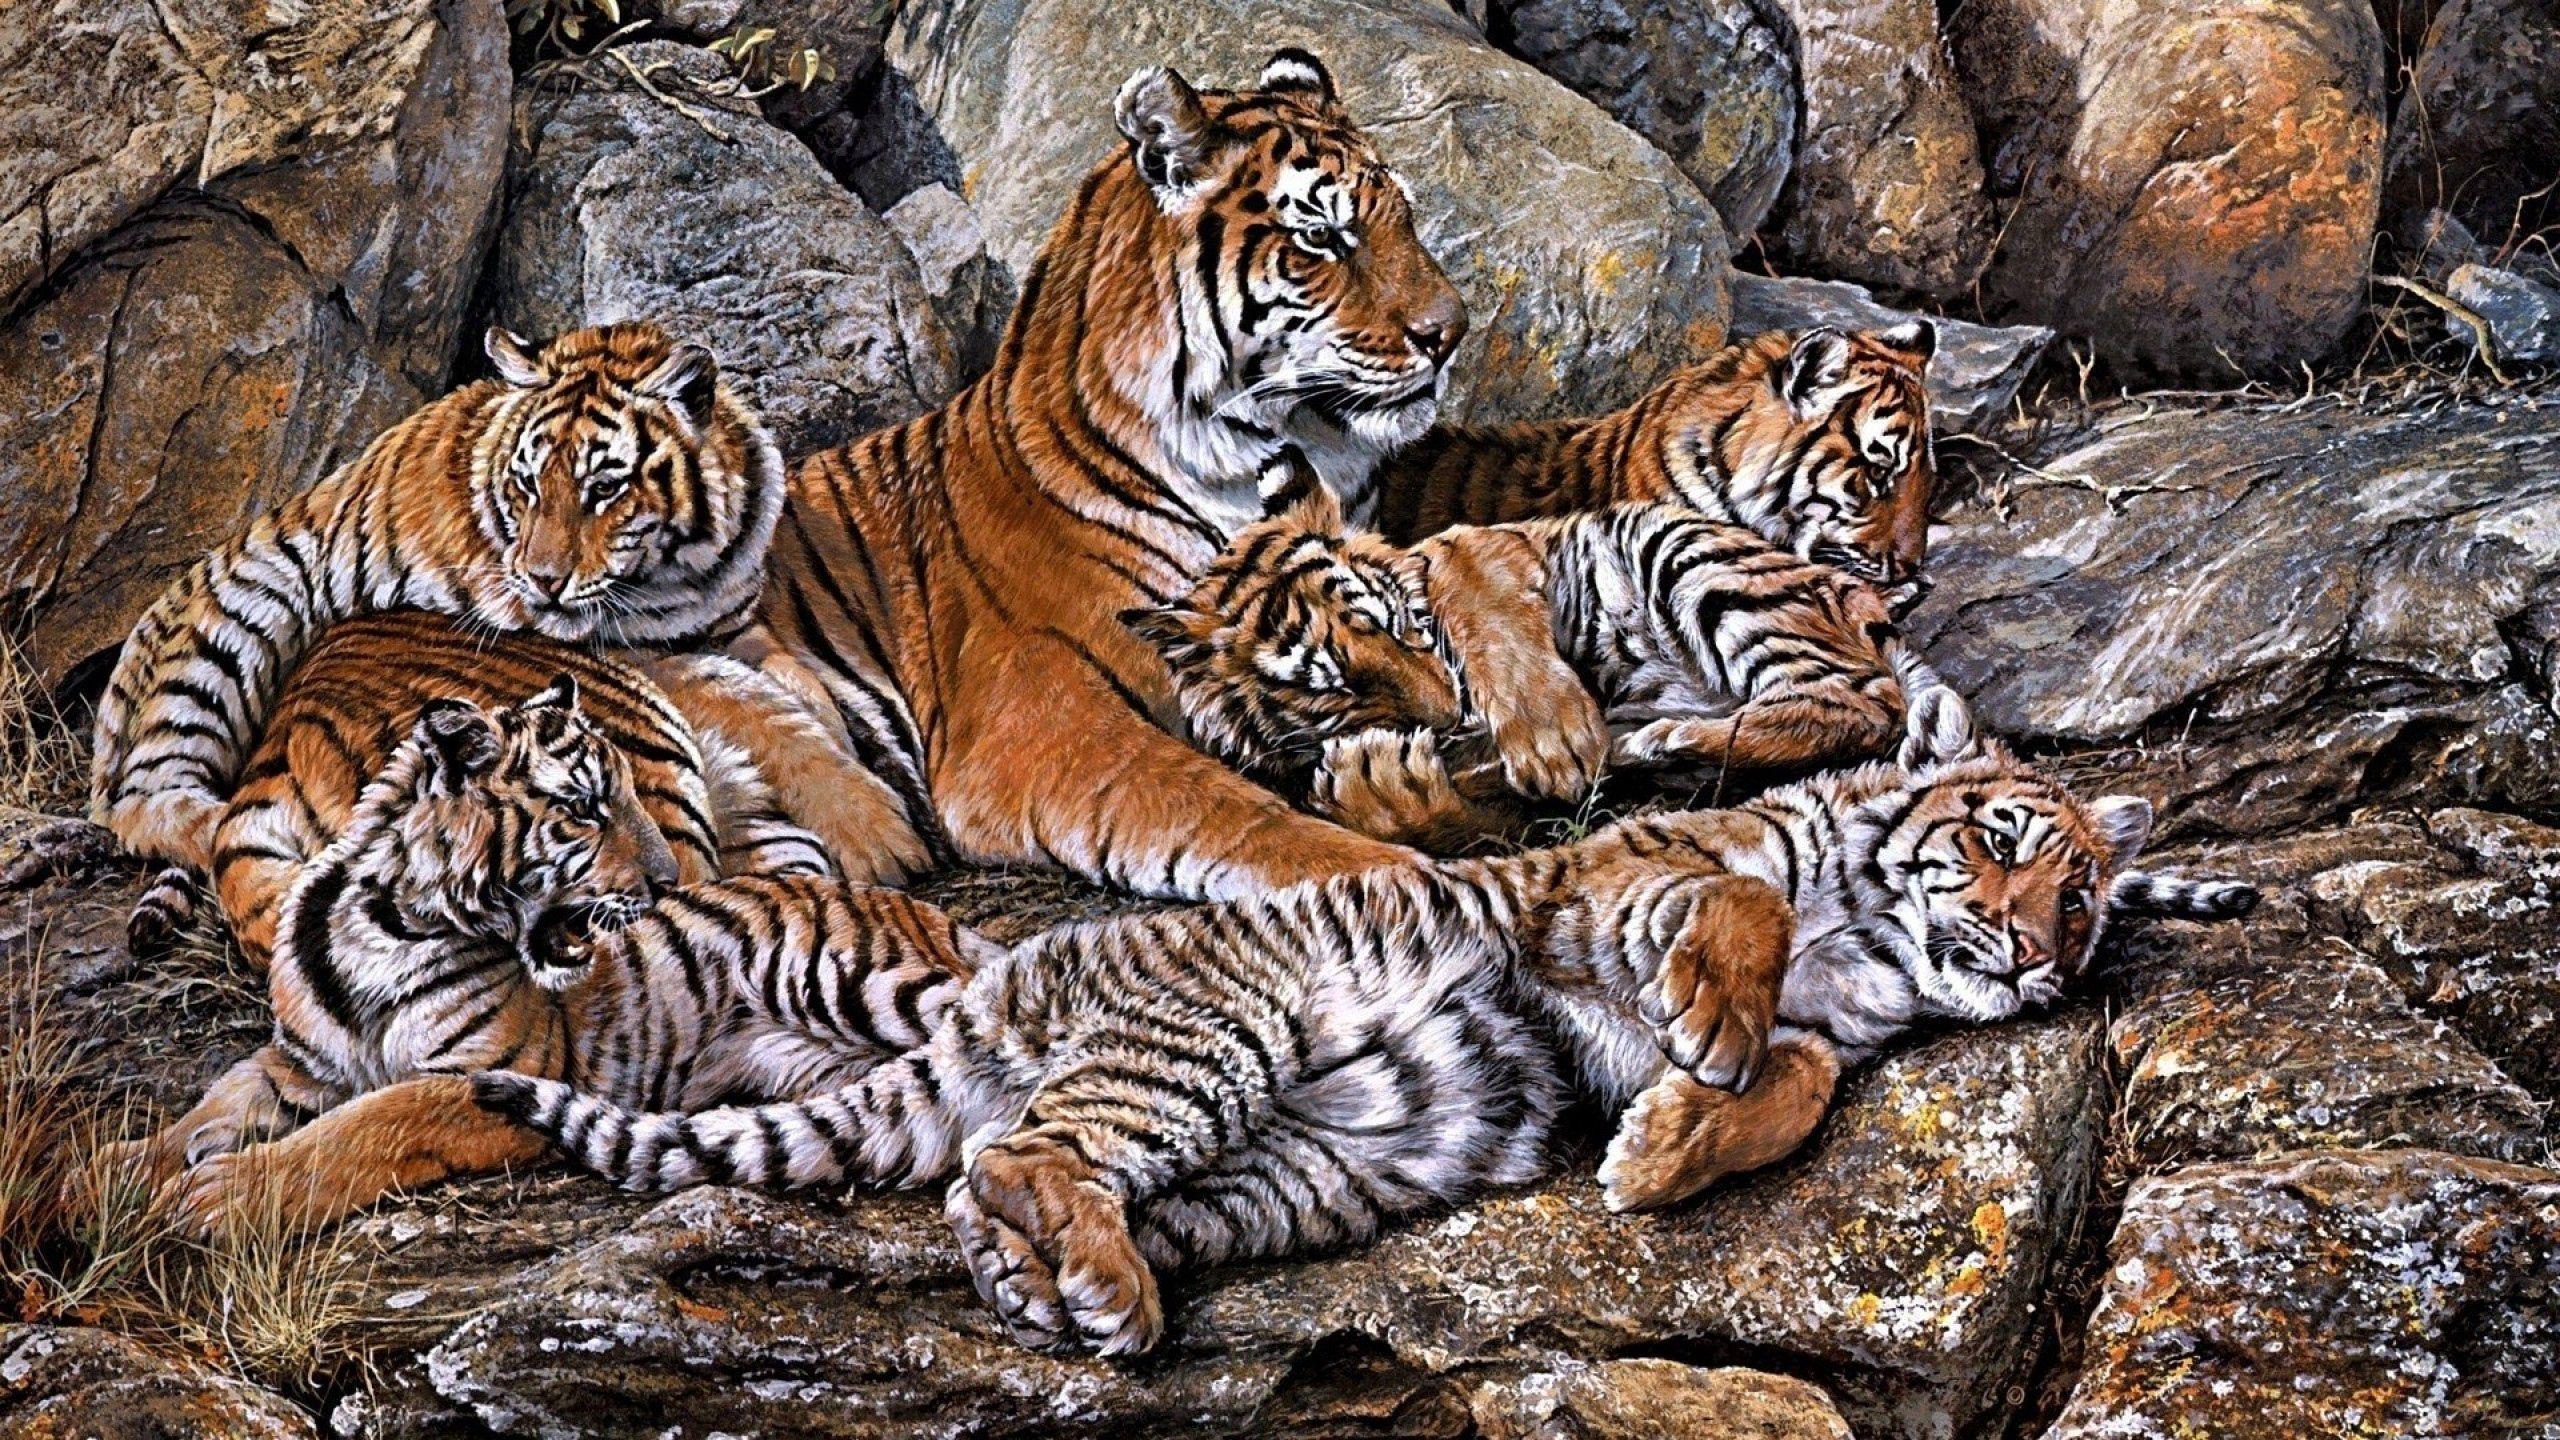 95649 Hintergrundbild herunterladen Raubtiere, Tiere, Tigers, Hdr, Jungen, Jung - Bildschirmschoner und Bilder kostenlos